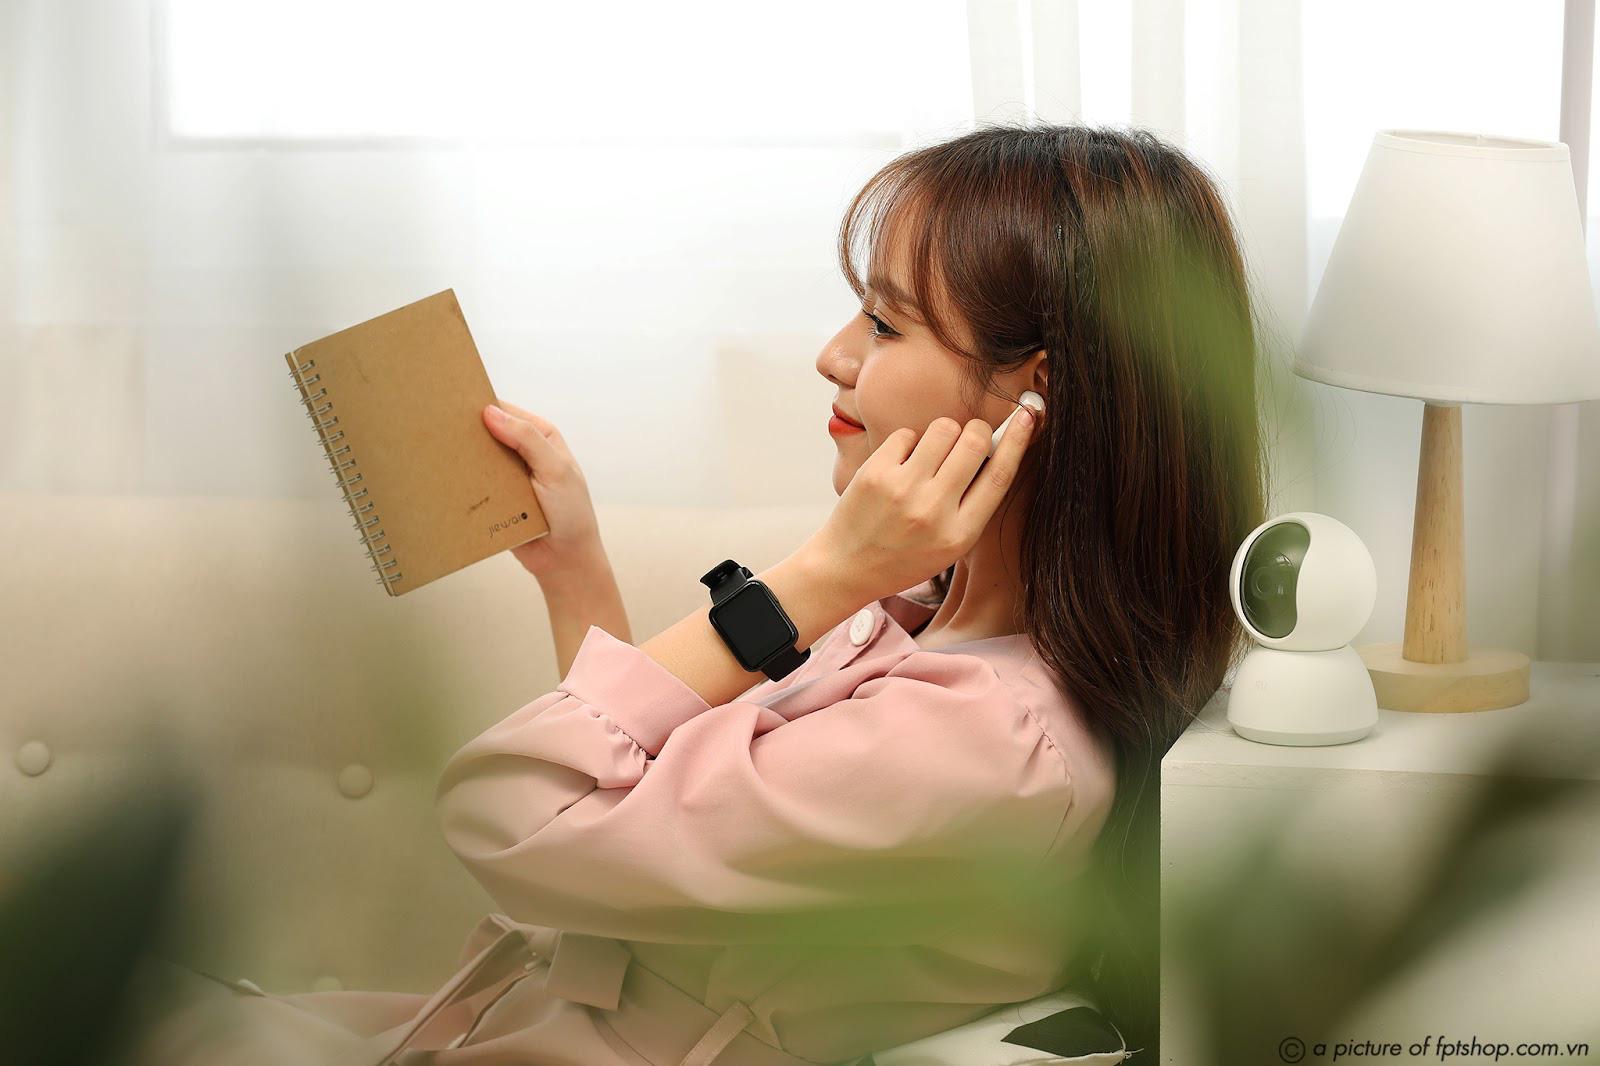 Nhận ưu đãi đến 2,5 triệu khi mua sản phẩm thuộc hệ sinh thái Xiaomi tại FPT Shop - Ảnh 3.